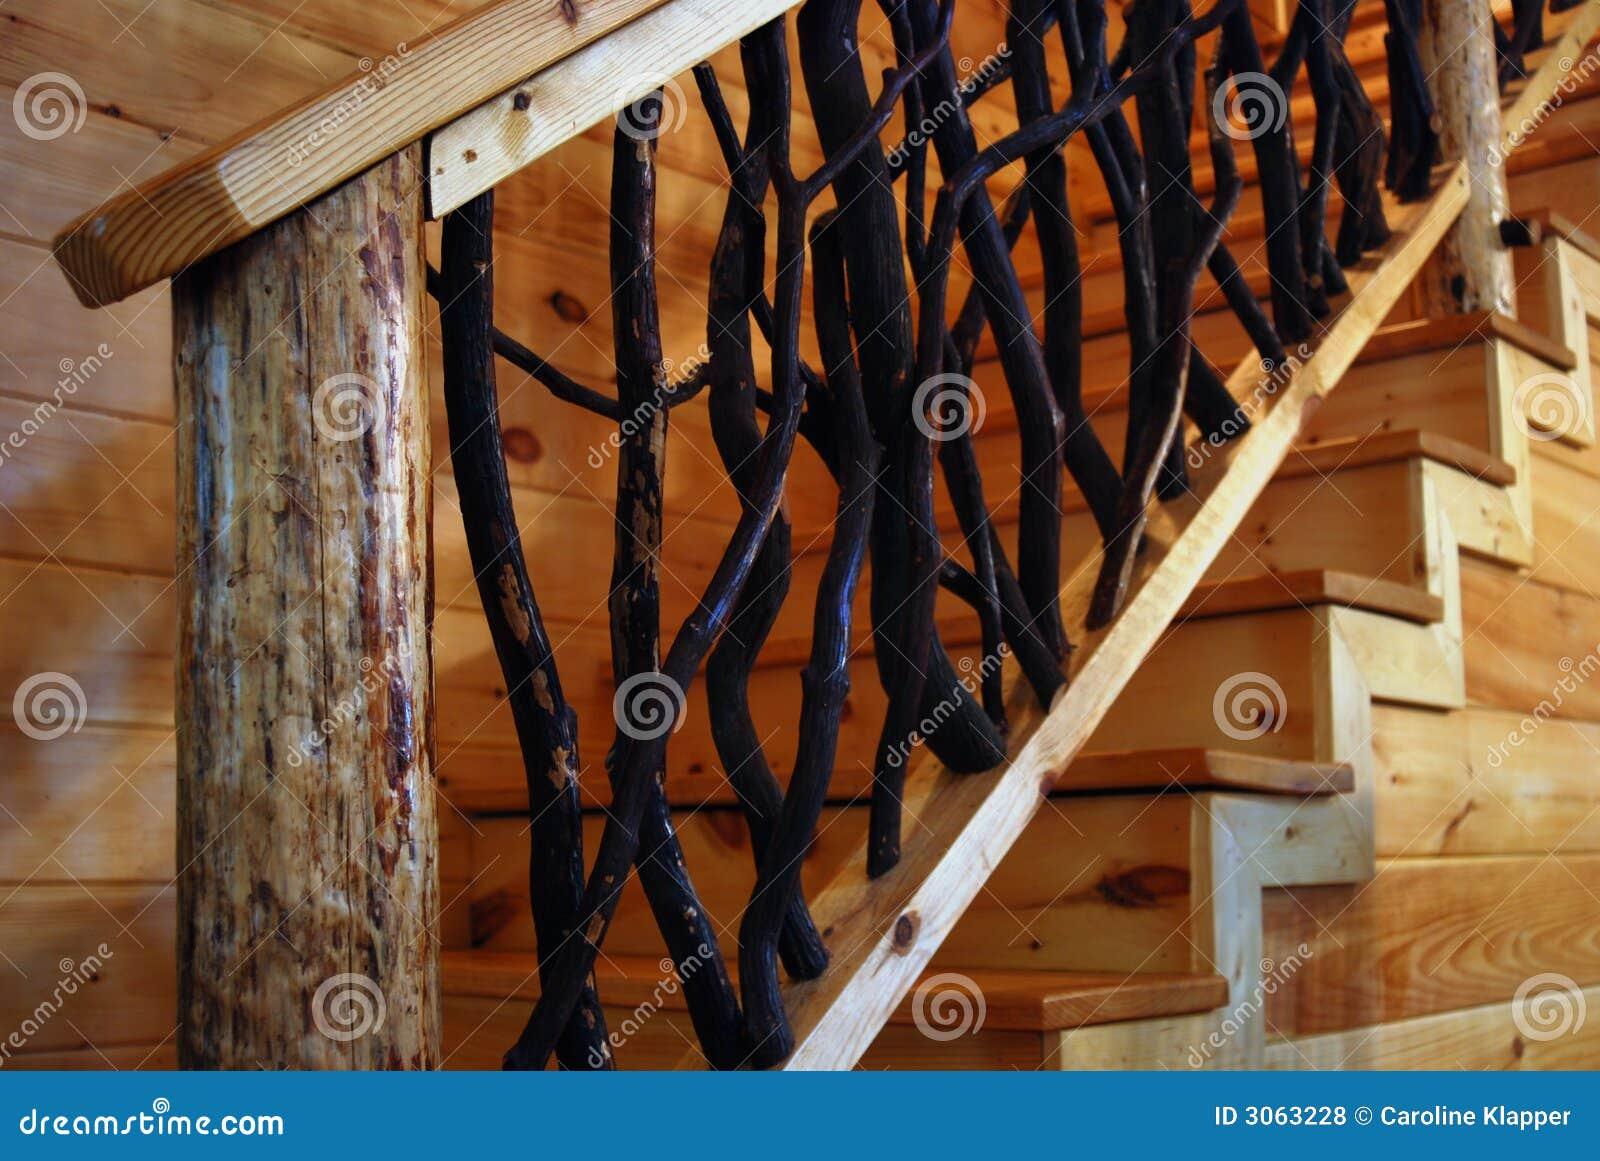 Escalera de madera r stica fotos de archivo libres de regal as imagen 3063228 - Escaleras de madera rusticas ...